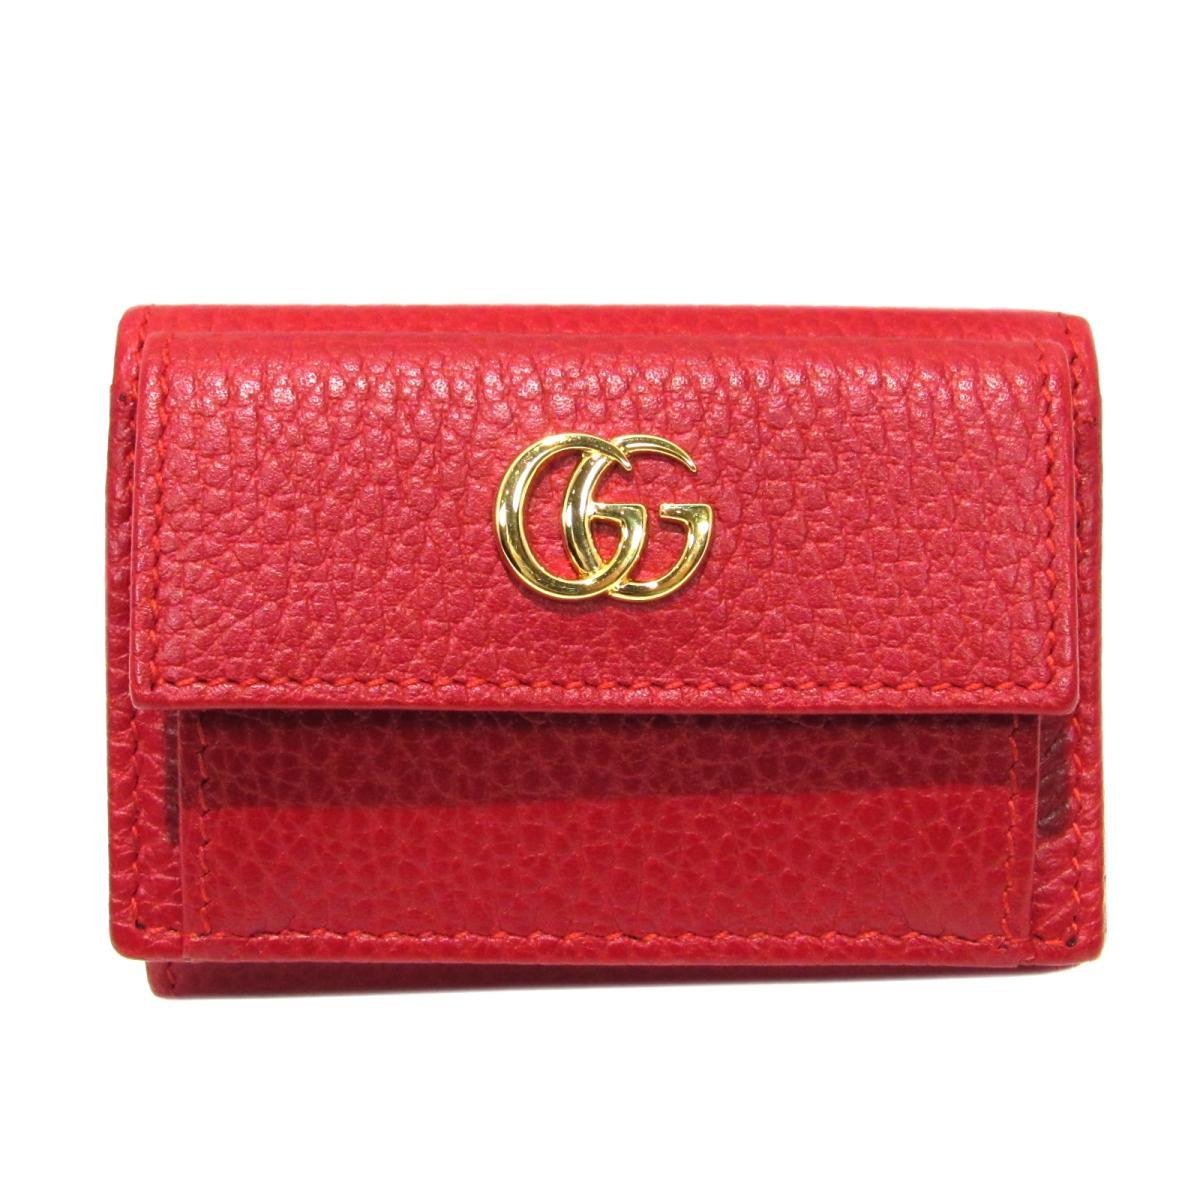 ウォレット 三つ折財布 財布